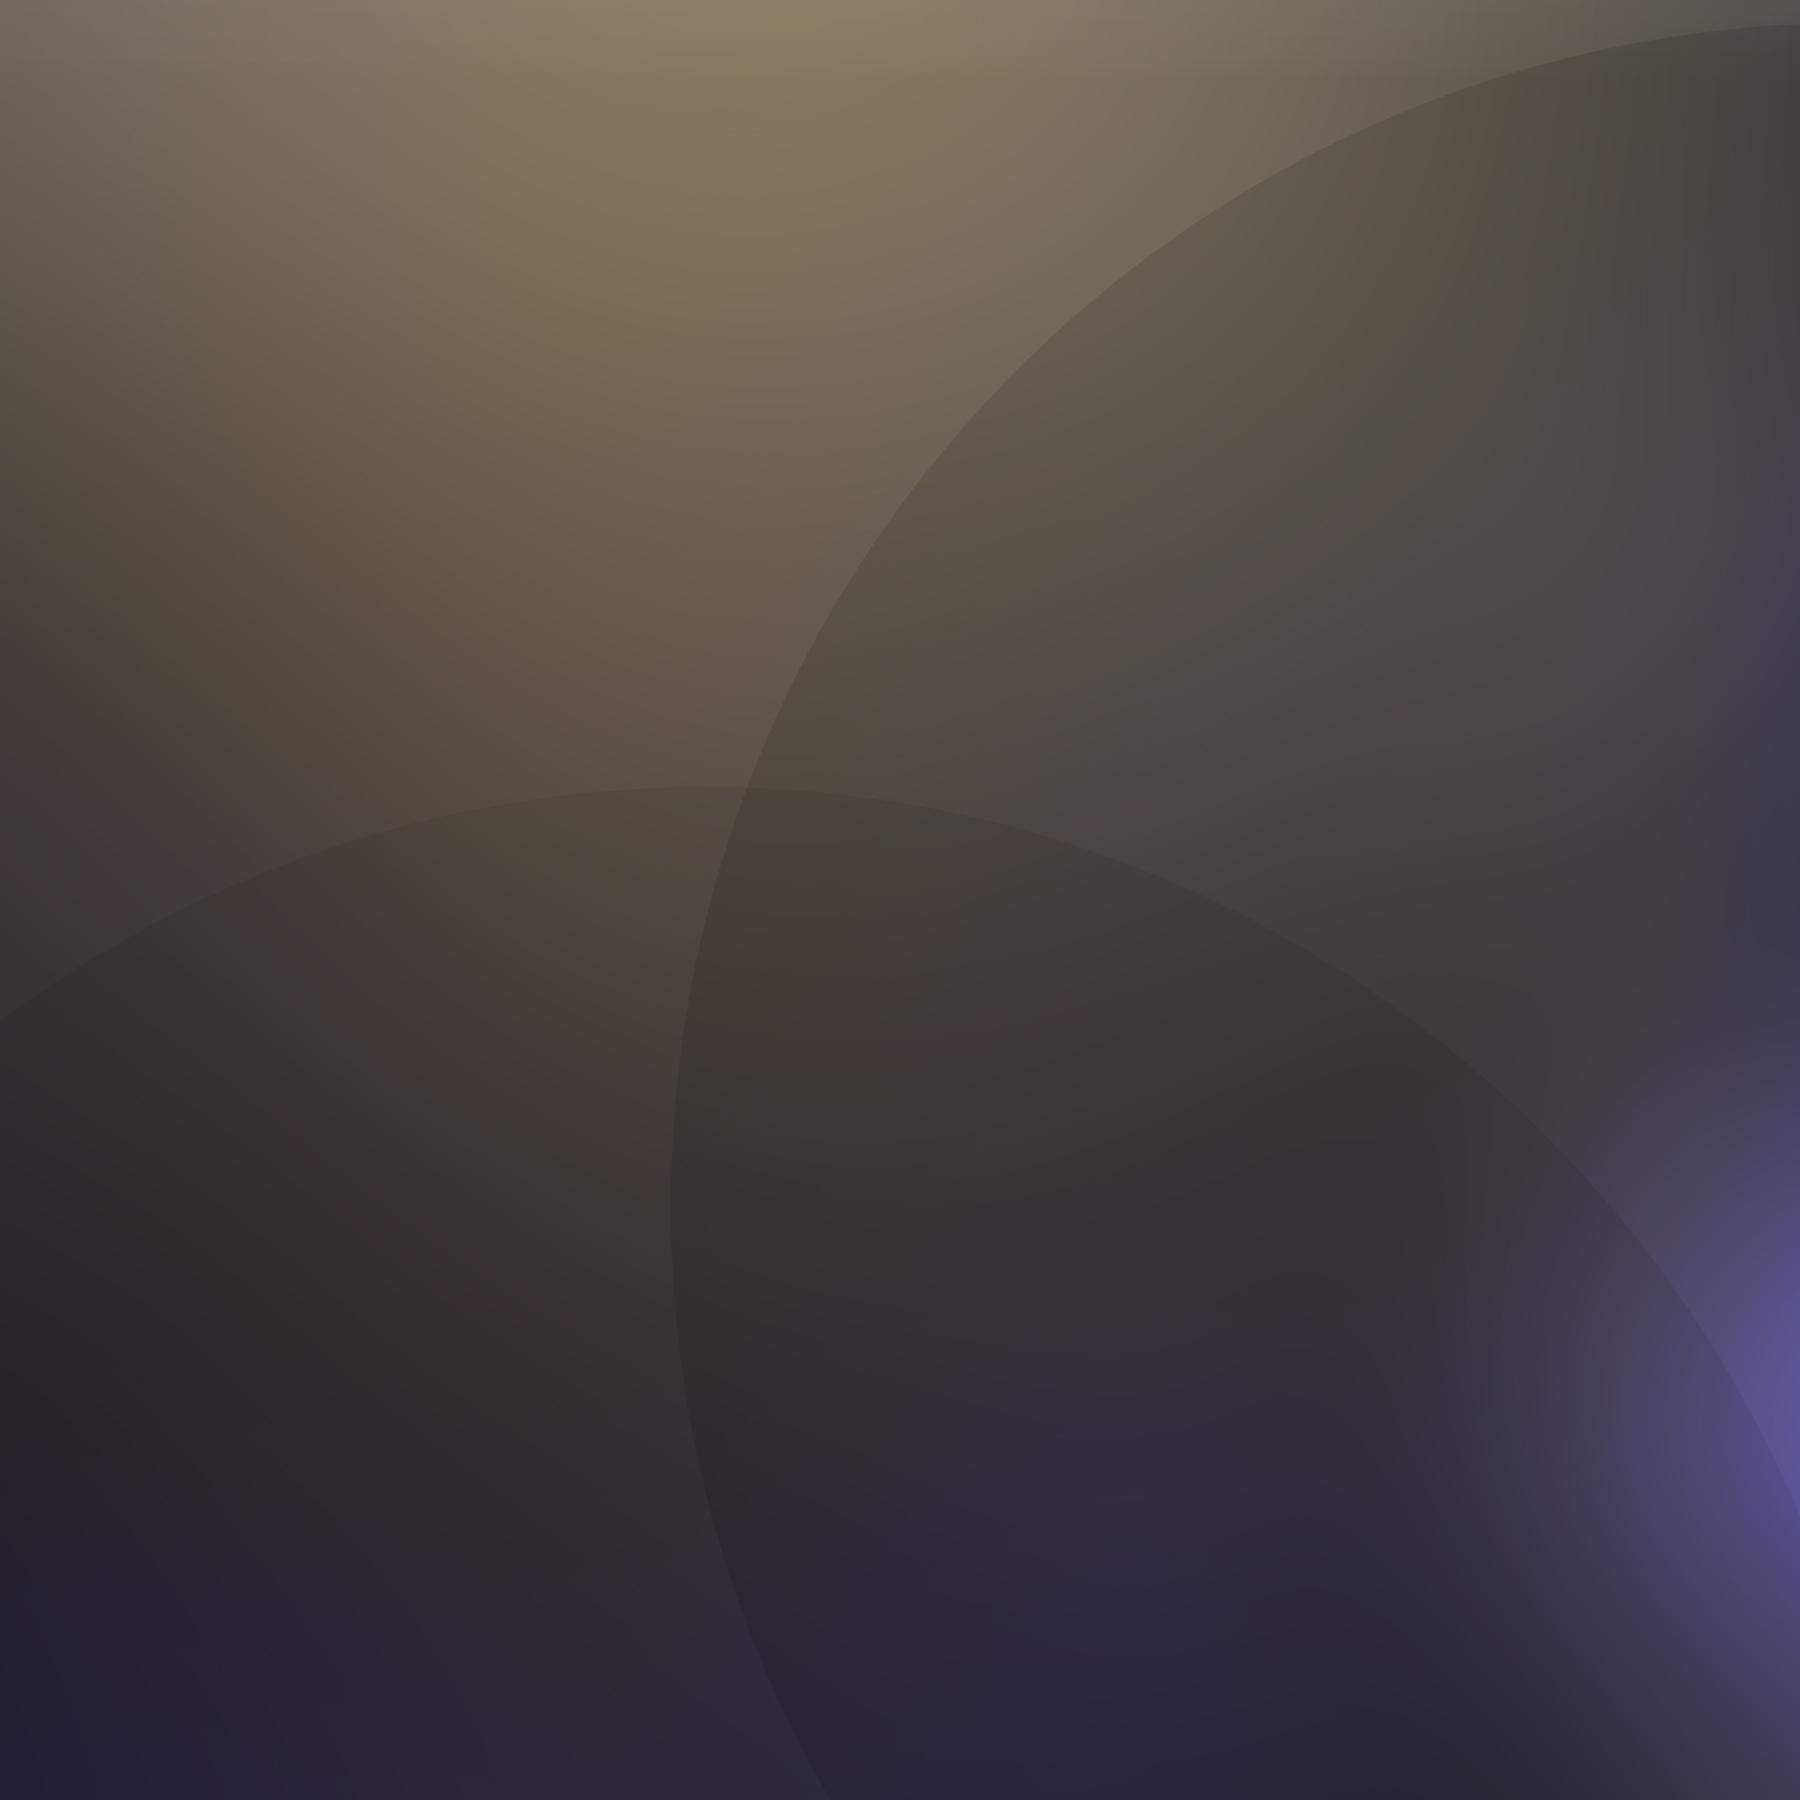 Wallpaper_iPad_FBMaryville.jpg